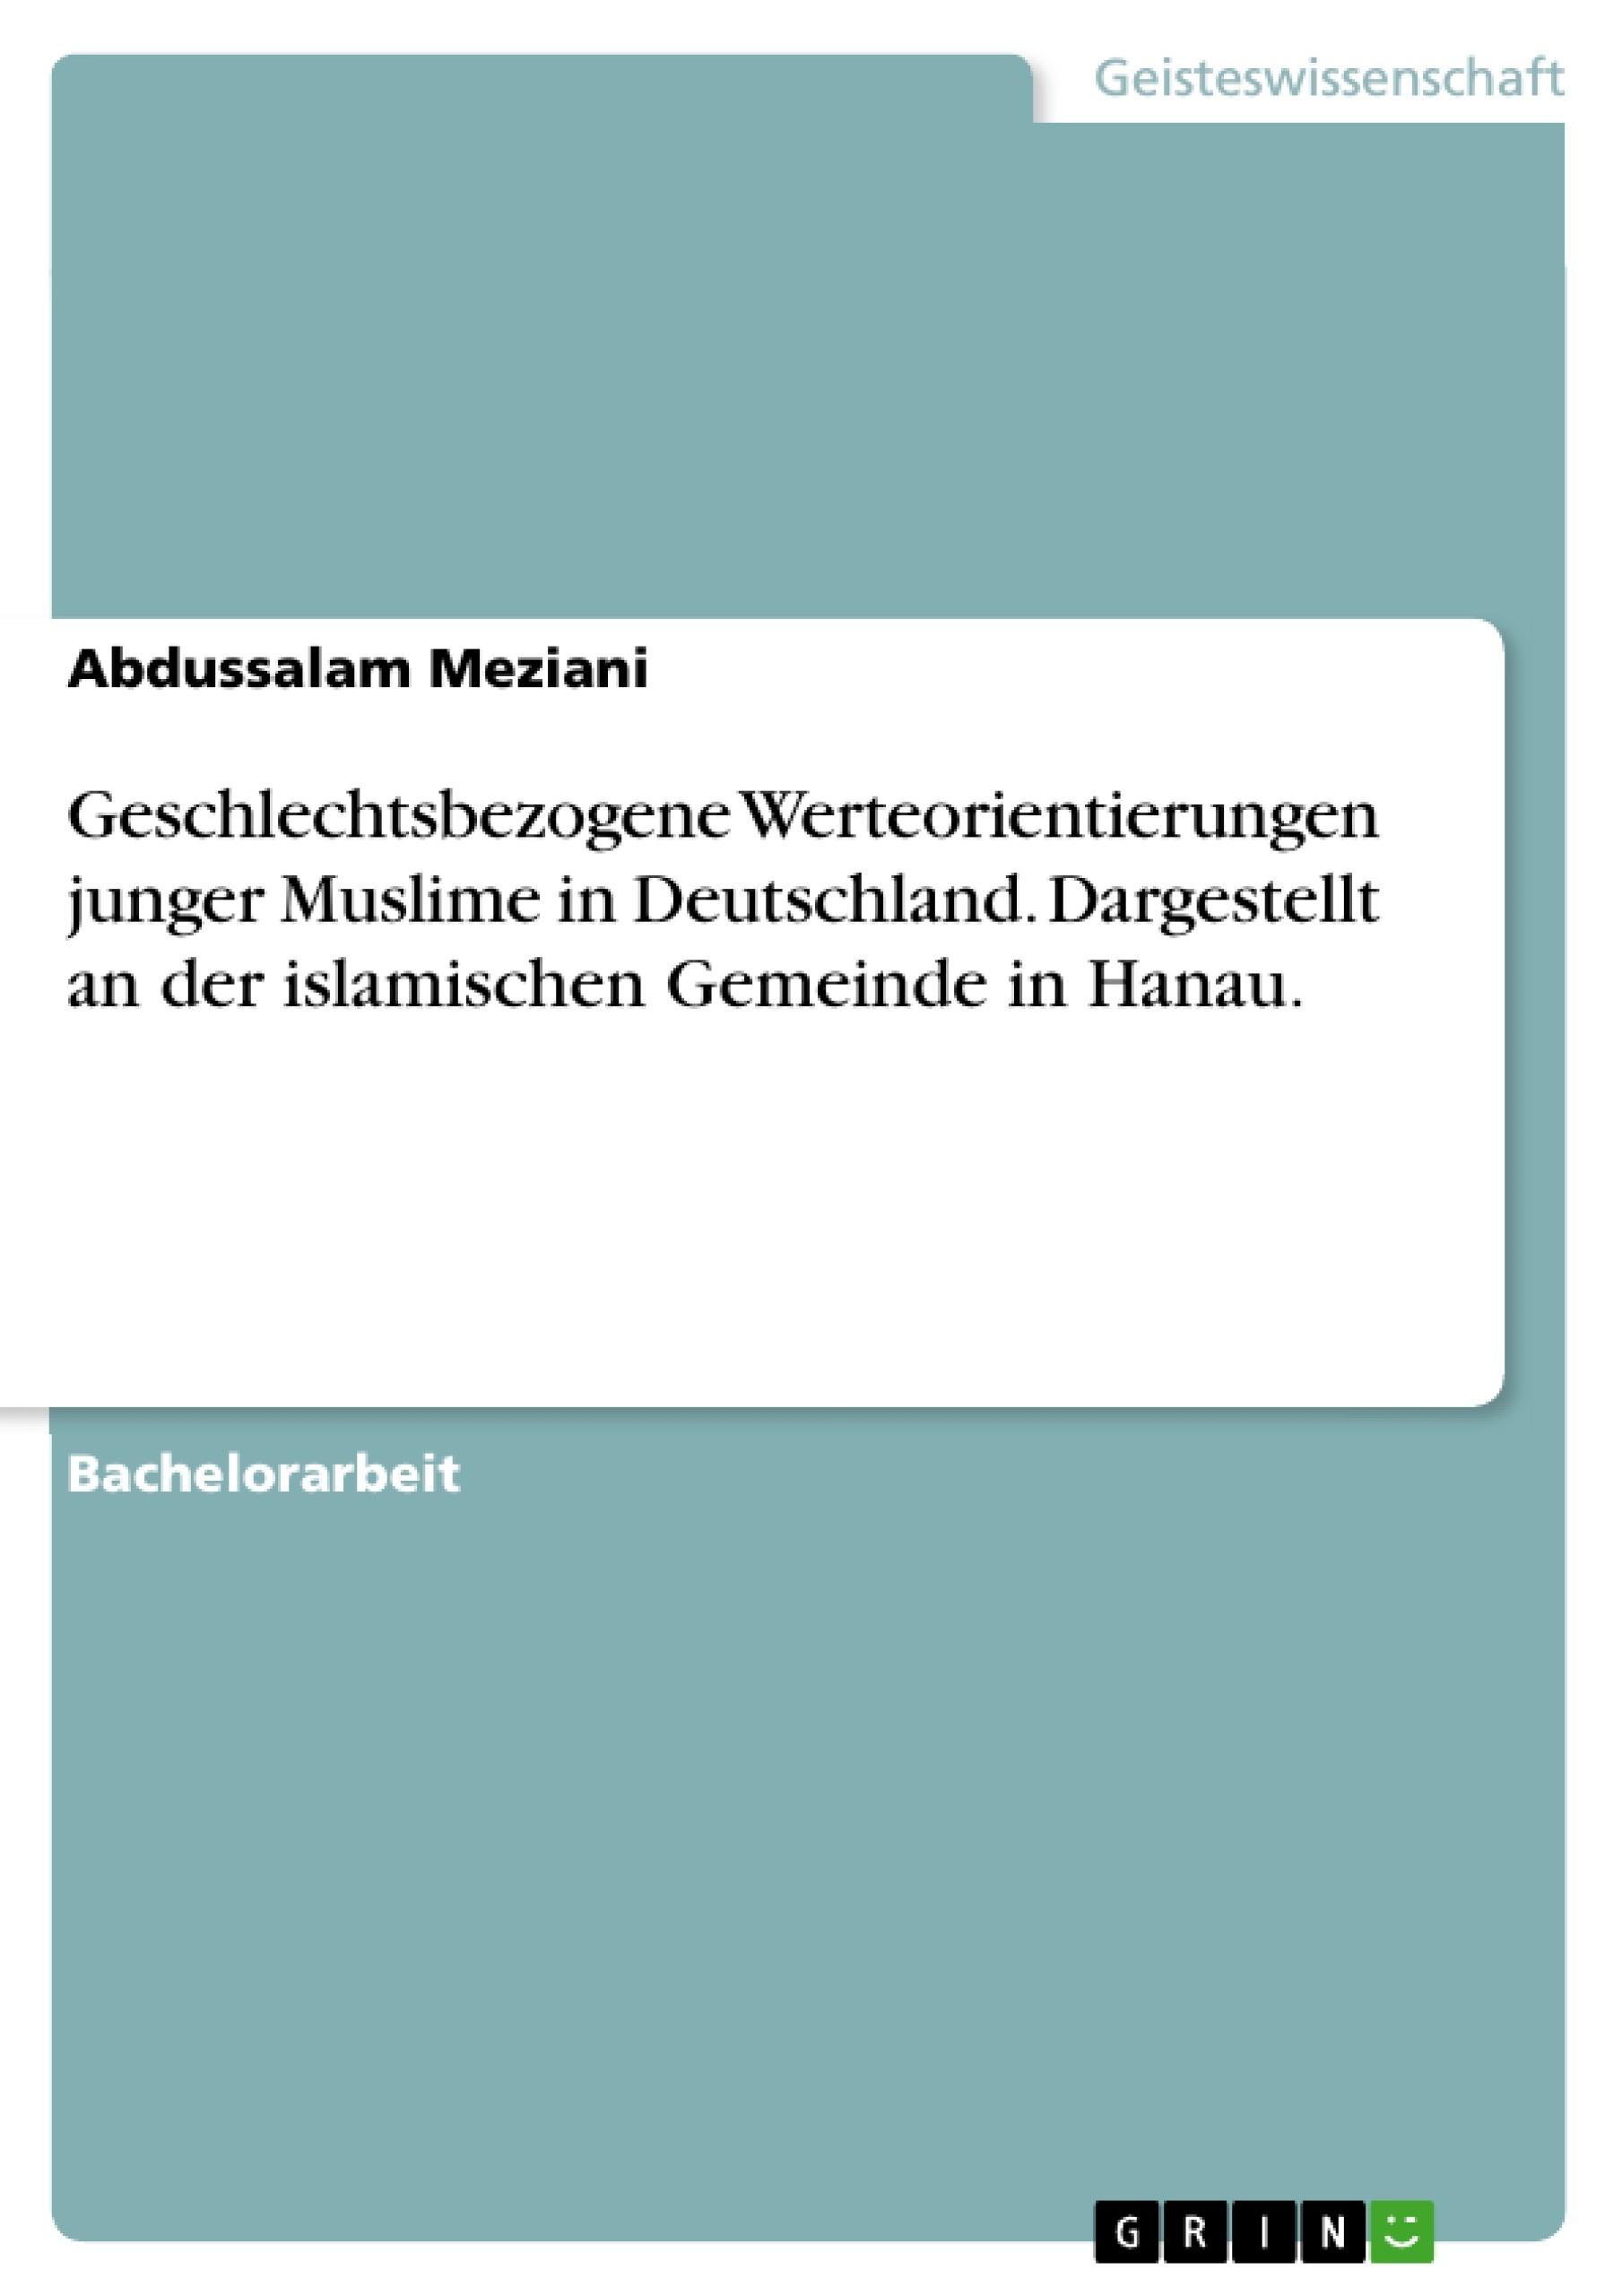 Titel: Geschlechtsbezogene Werteorientierungen junger Muslime in Deutschland. Dargestellt an der islamischen Gemeinde in Hanau.